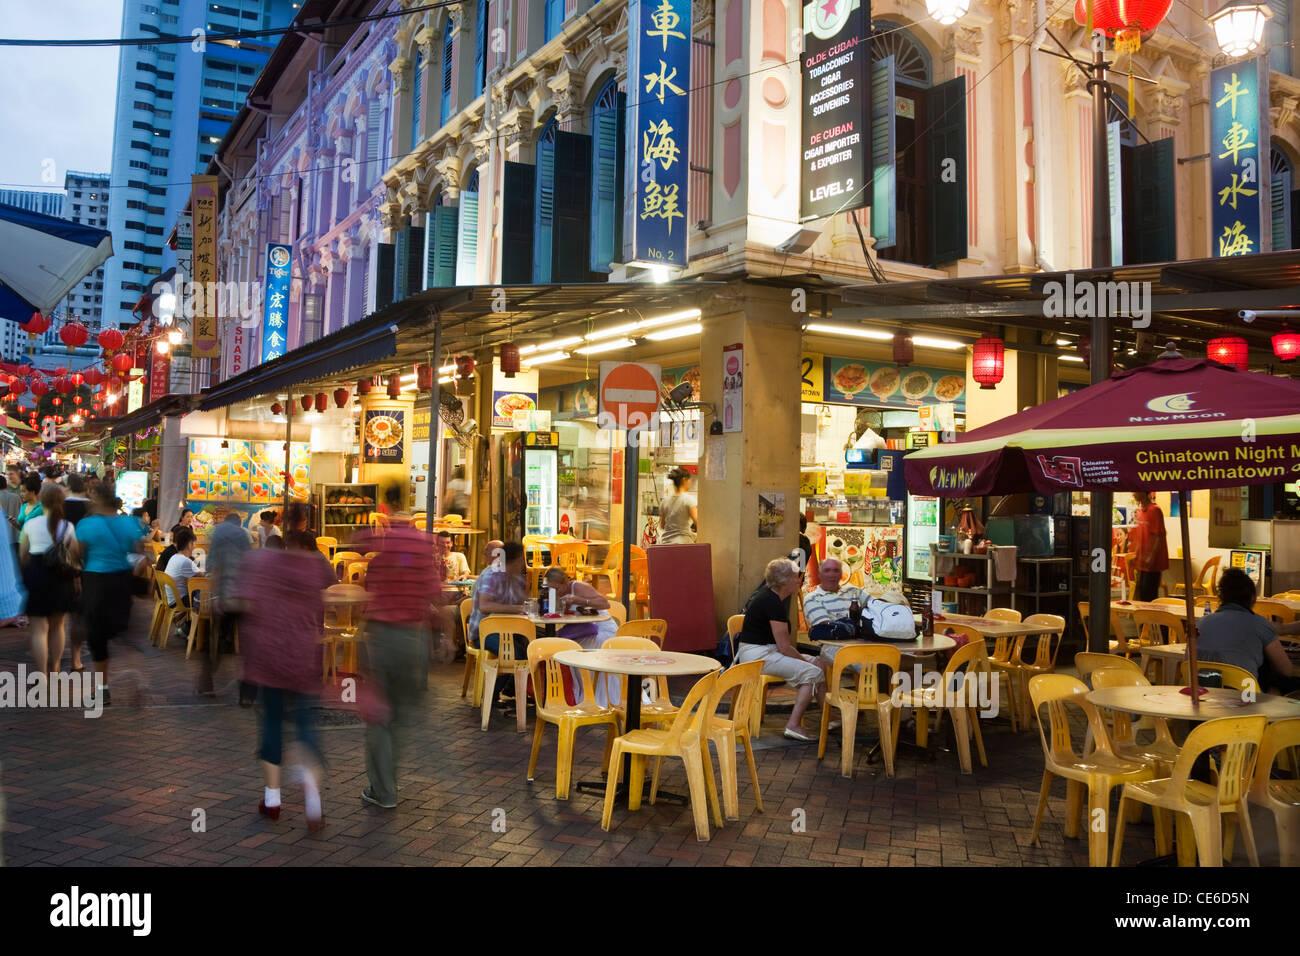 Penang Night Food Market